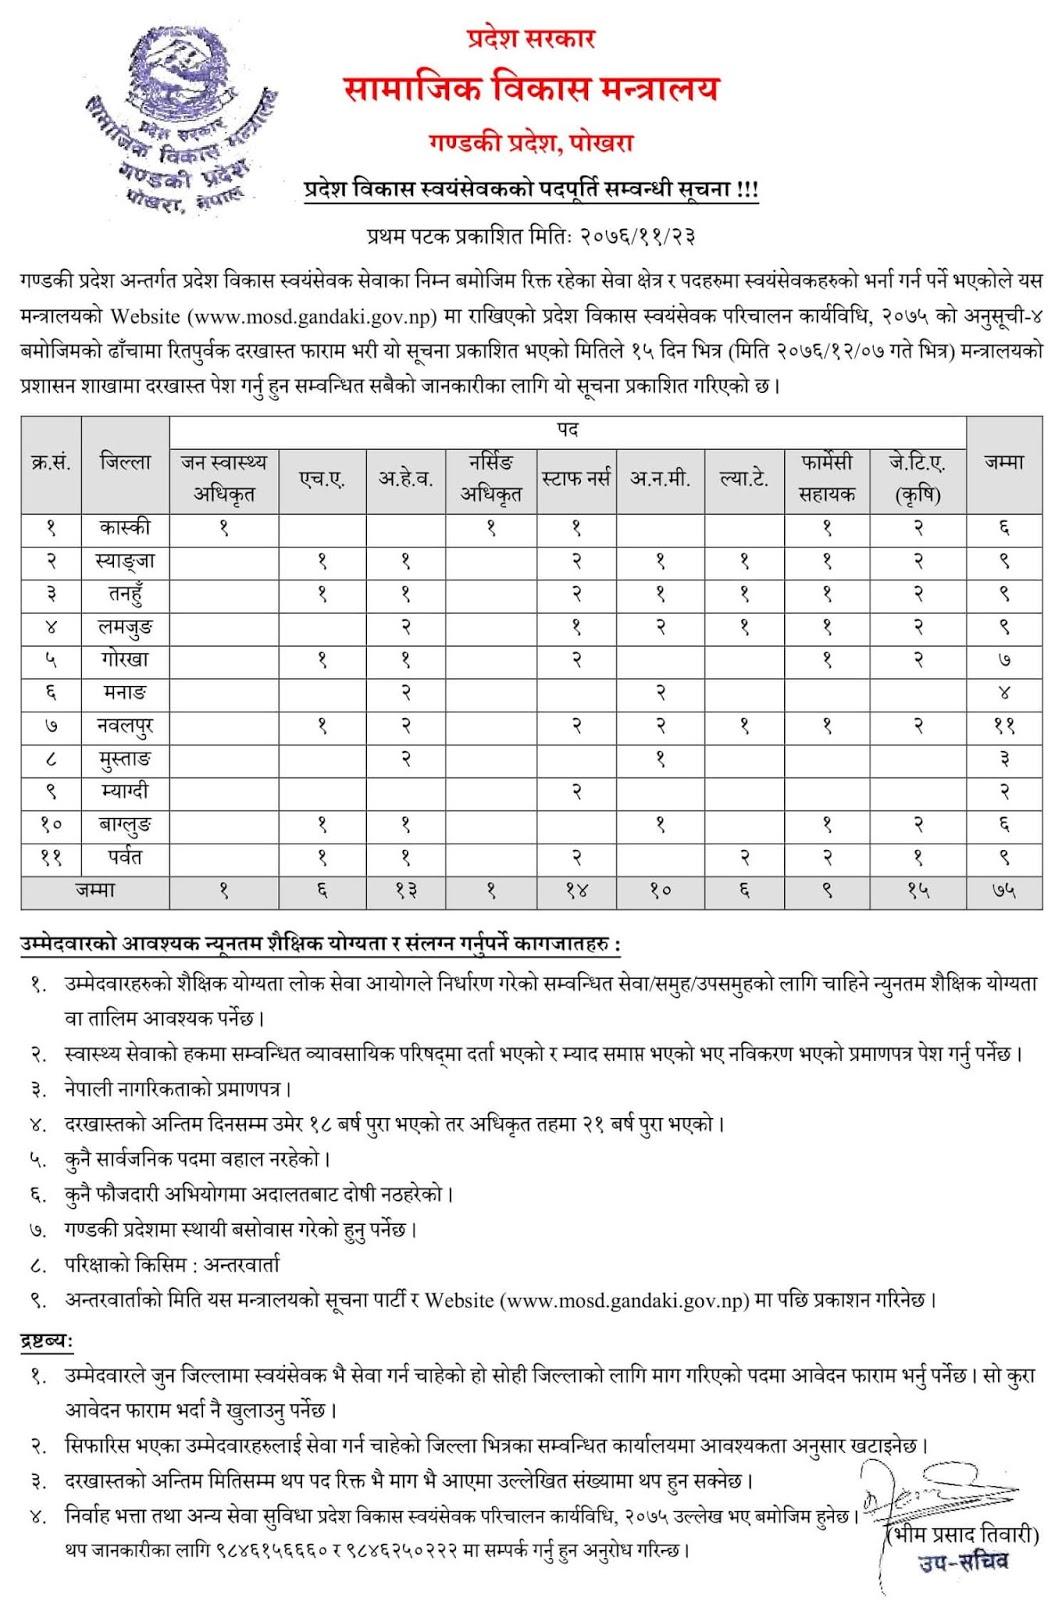 Ministry of Social Development Gandaki Province Volunteer Recruitment